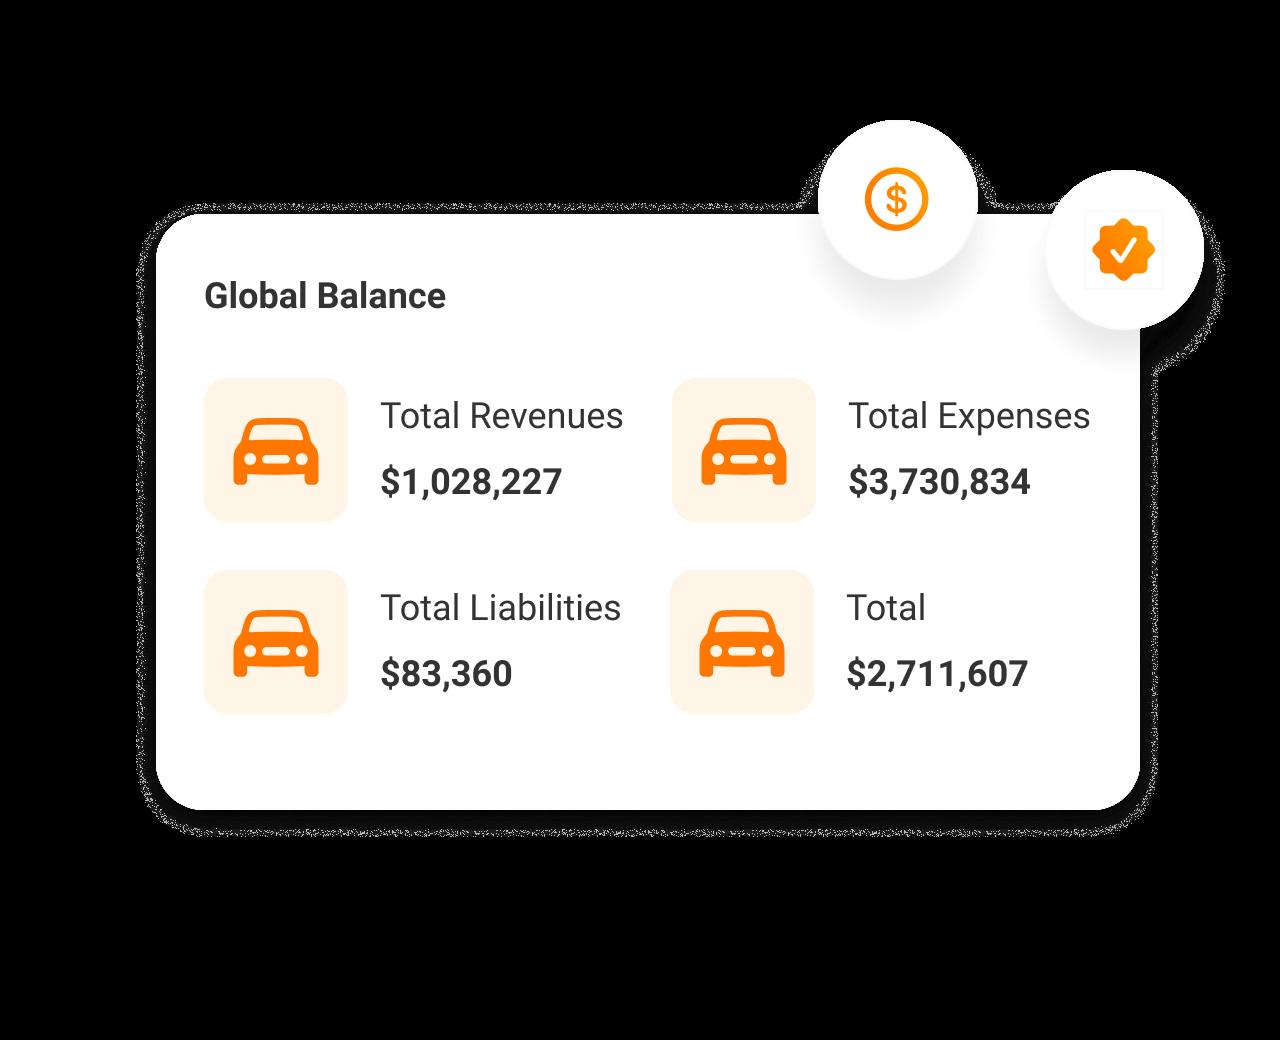 Administre pagos en línea con nuestras plataformas de pasarela ya integradas (Stripe, MercadoPago, Cardoo, PayPal y más). Nuestra API le permite conectar cualquier plataforma de pago con la que decida trabajar.